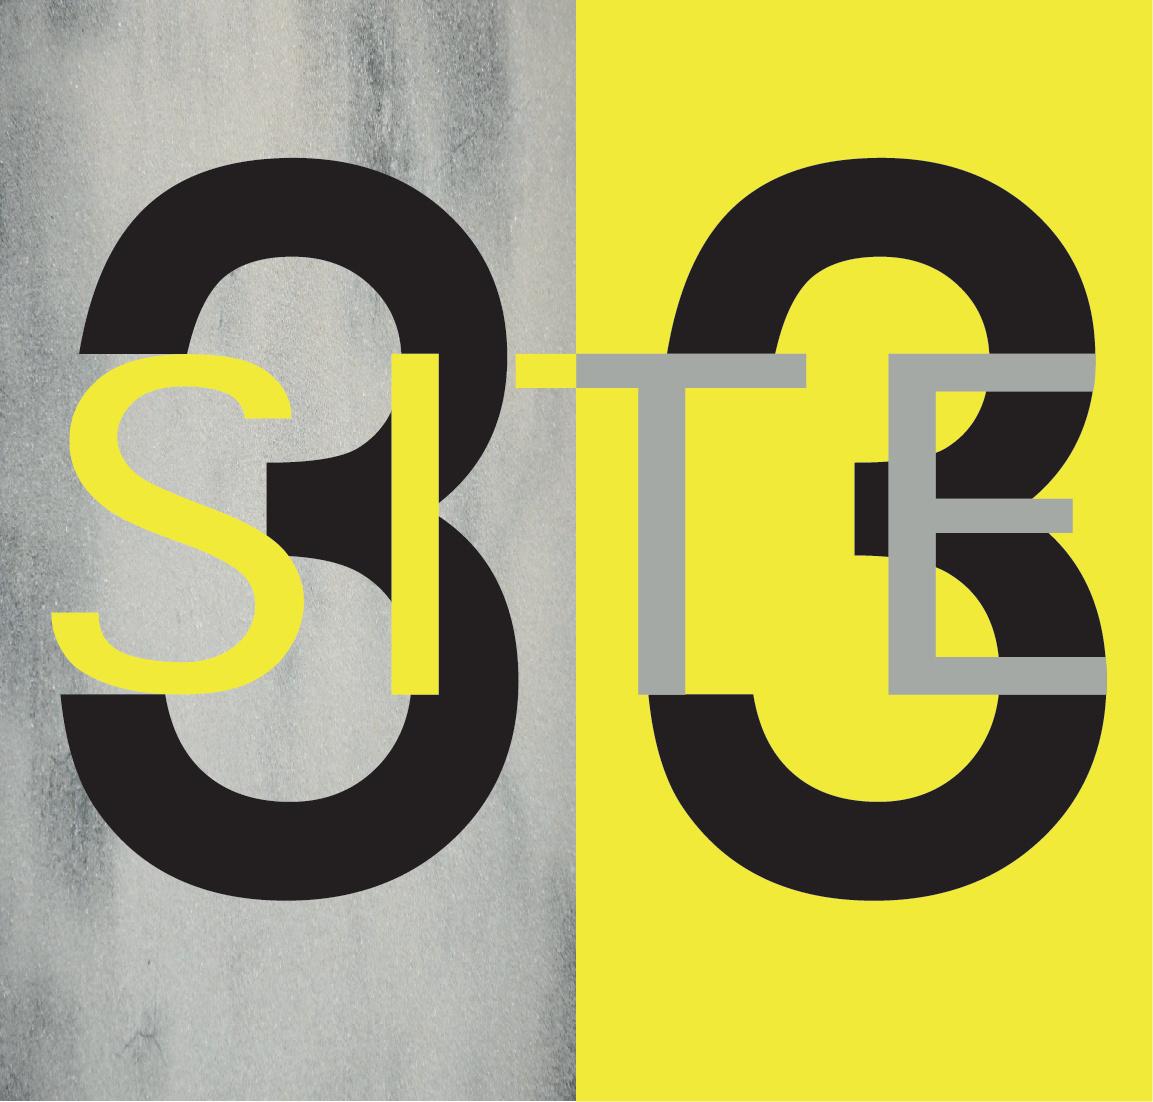 Site33 logo #3